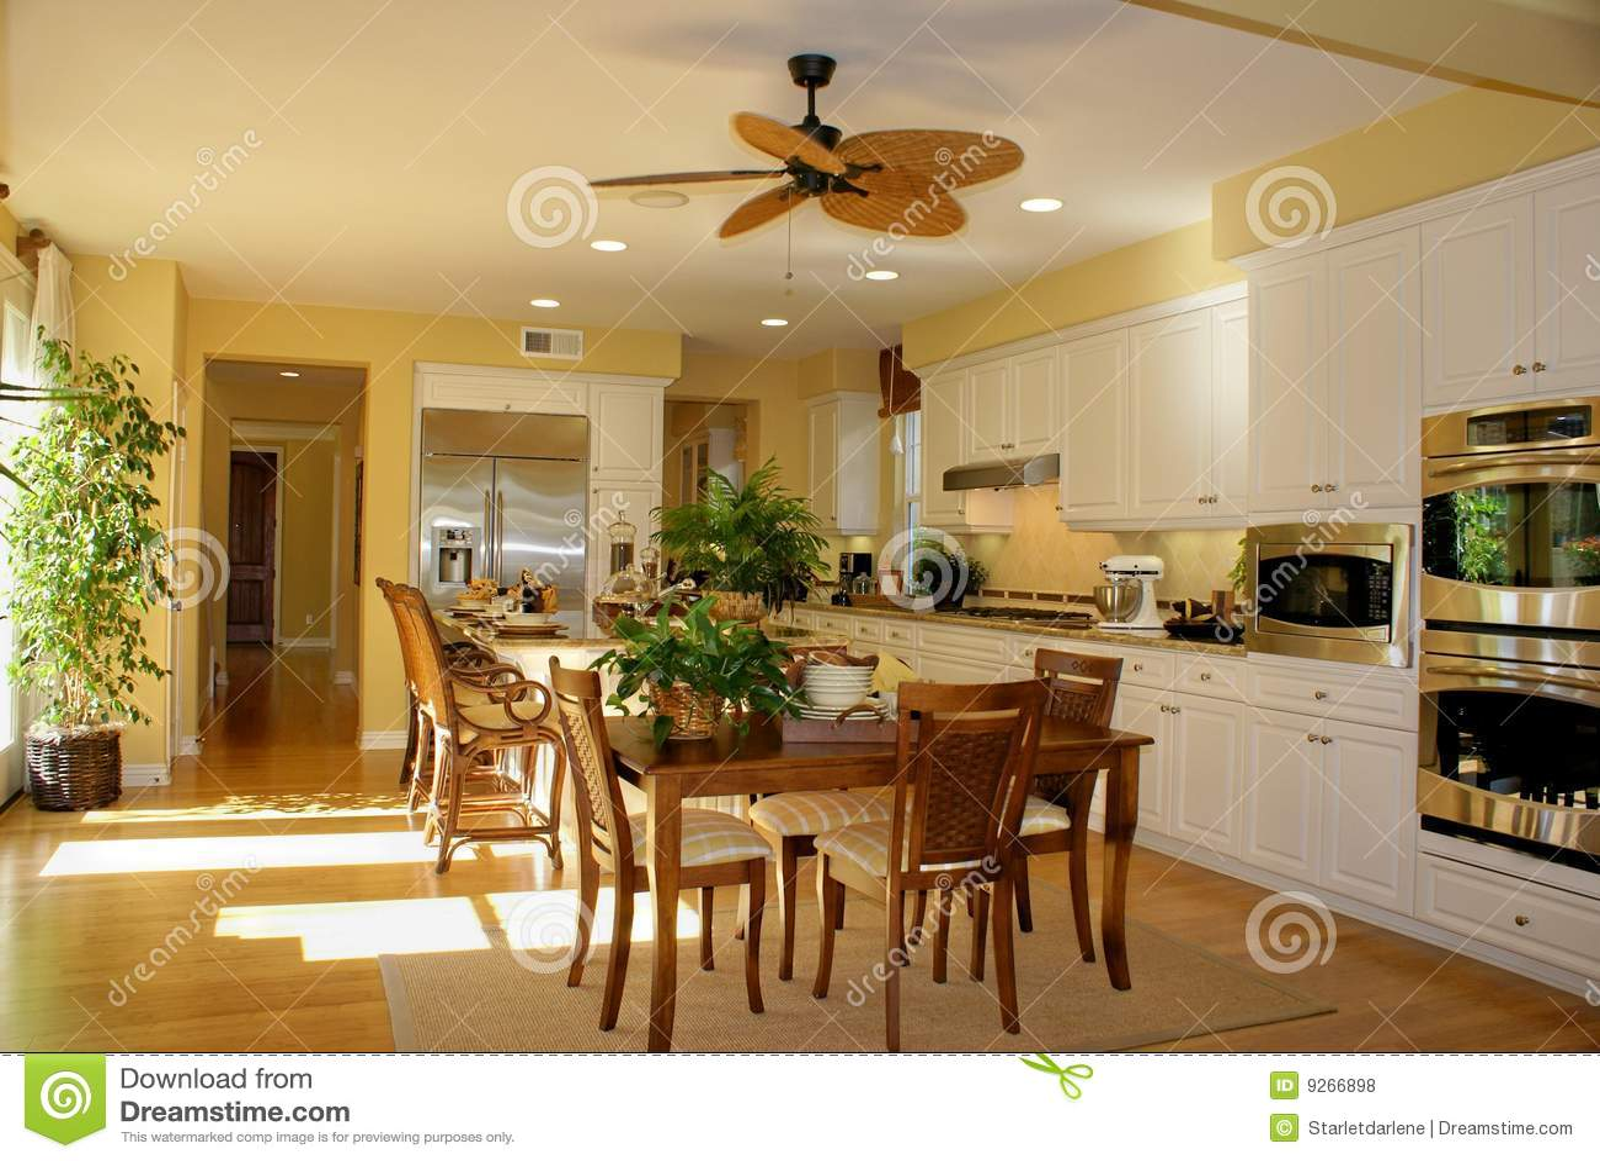 Zonnige geel van de keuken royalty vrije stock foto's   afbeelding ...